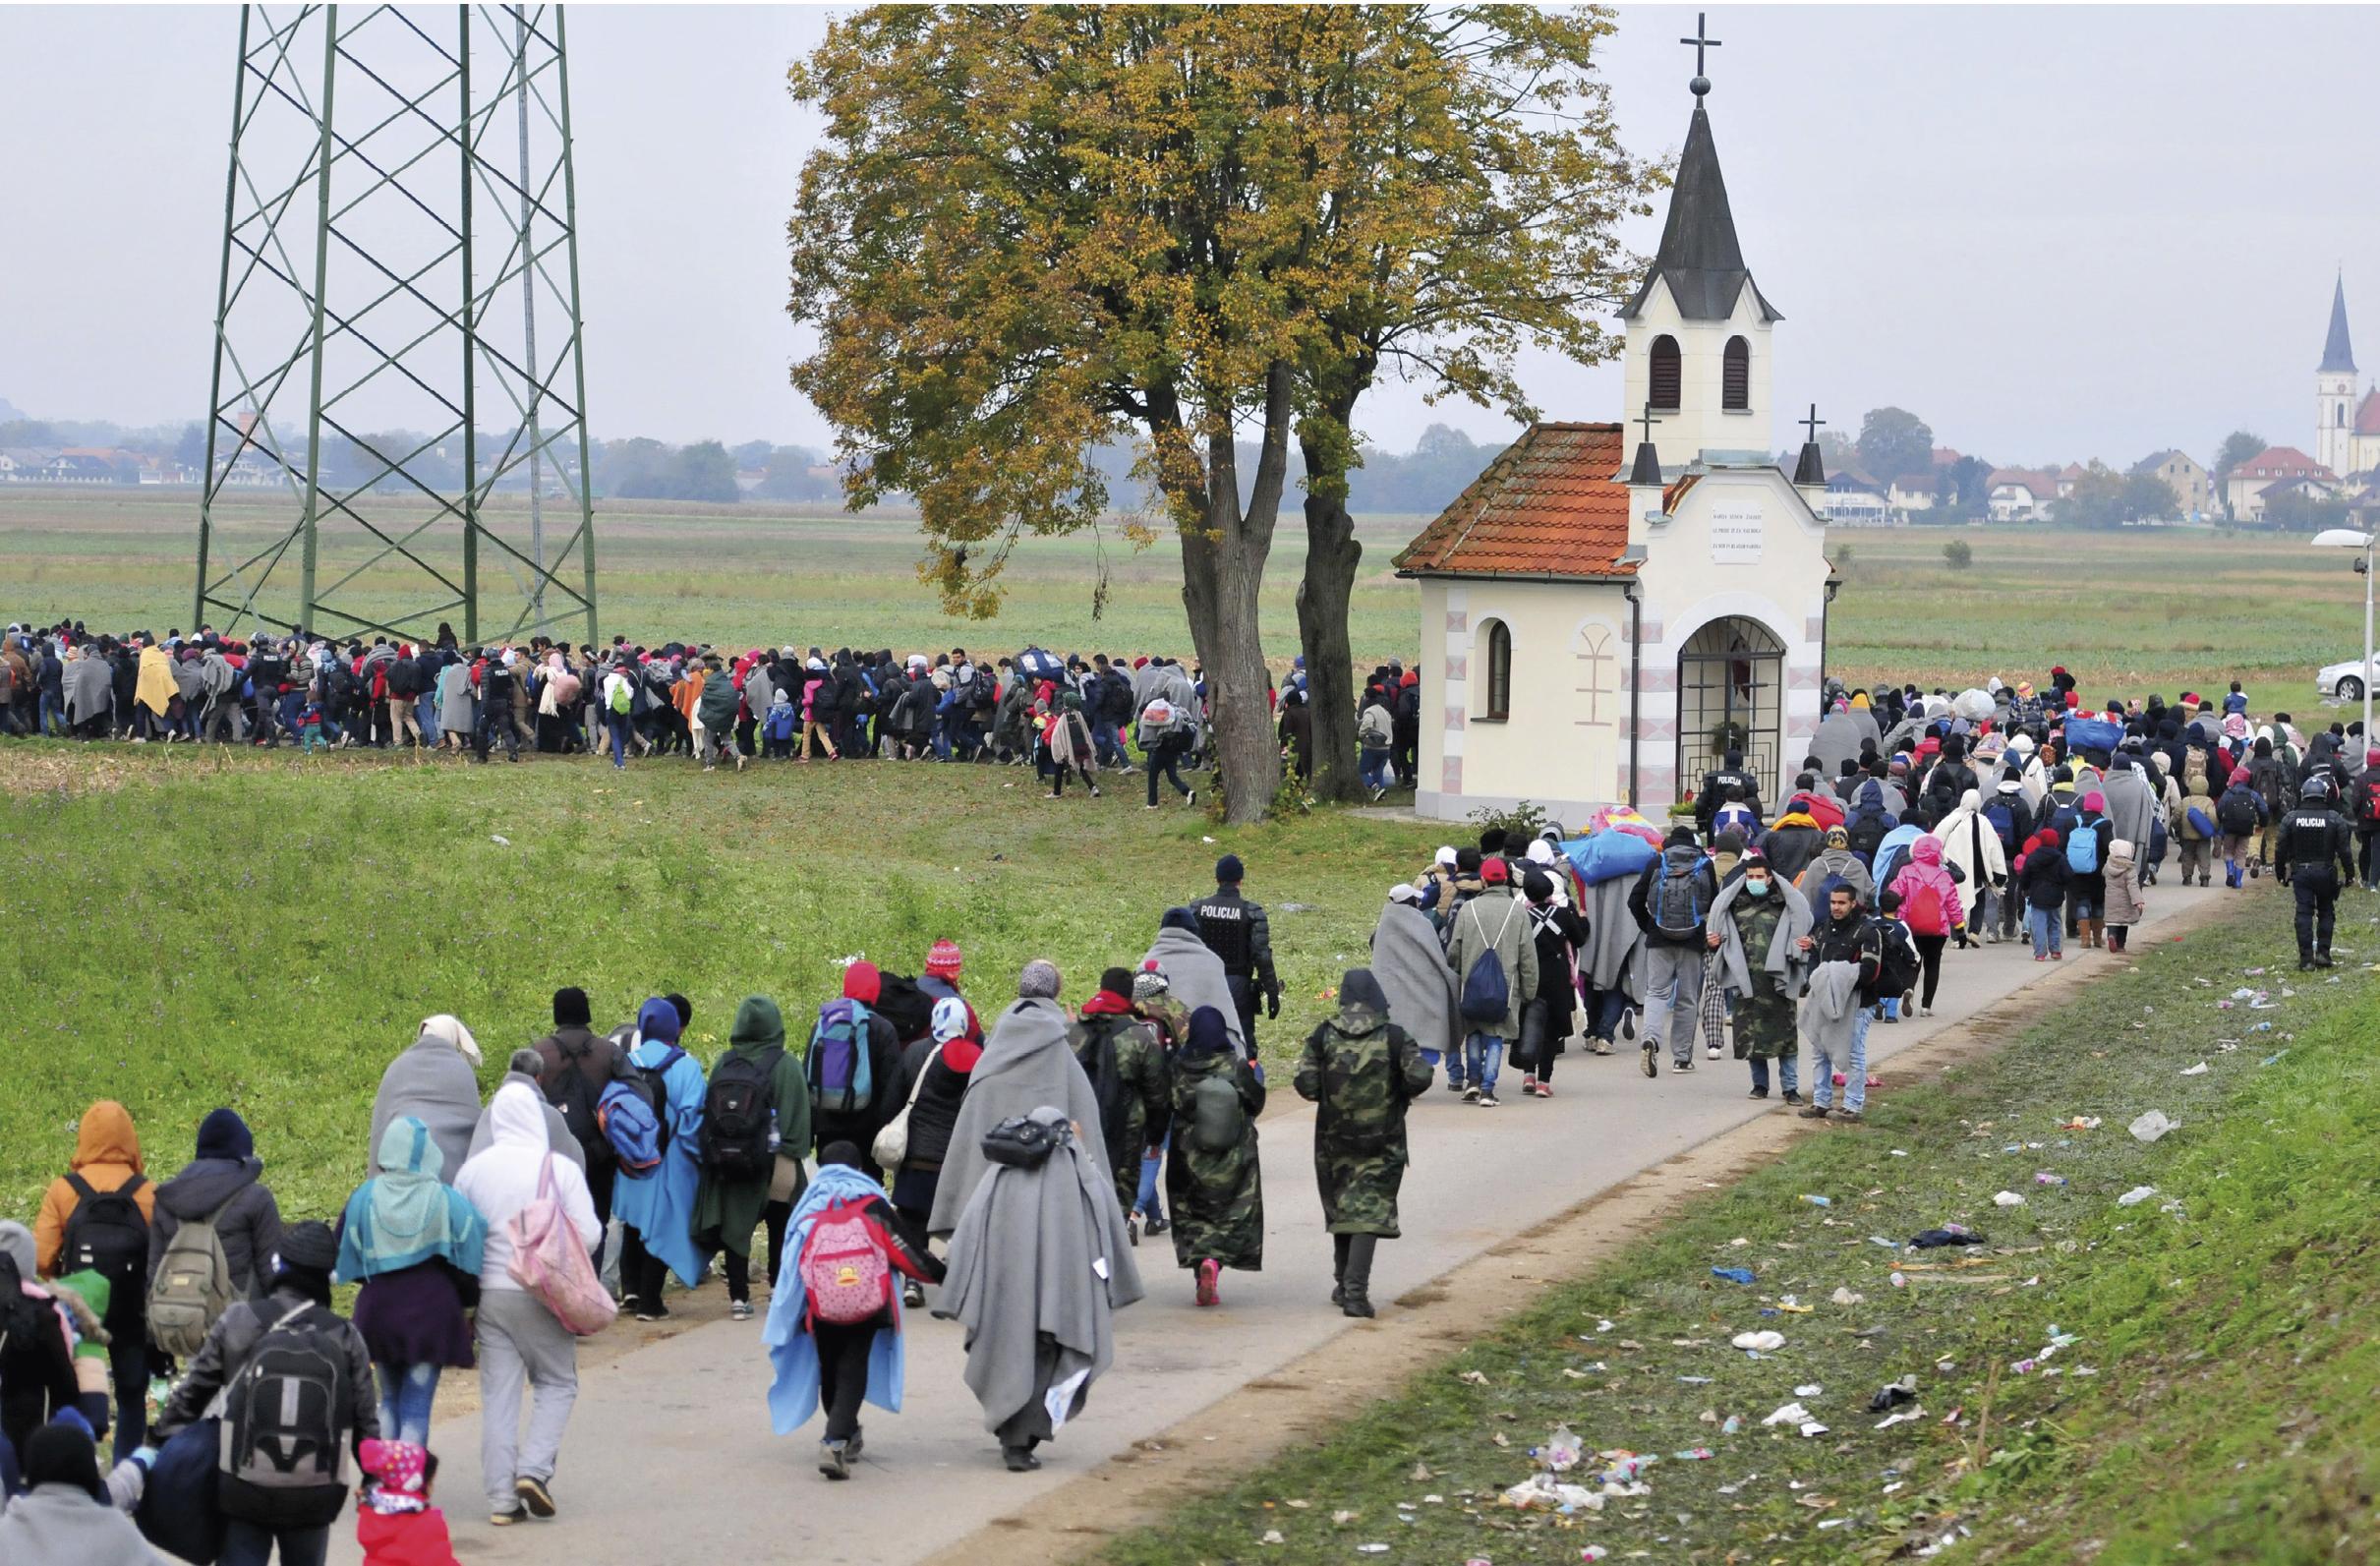 Migrantes a caminho do centro de acolhimento de refugiados em Dobova, Eslovénia, 23 de outubro de 2015. Mais de 680 mil migrantes e refugiados chegaram ao continente europeu, por mar, só em 2015, o maior movimento populacional desde a Segunda Guerra Mundial. EPA / IGOR KUPLJENIK